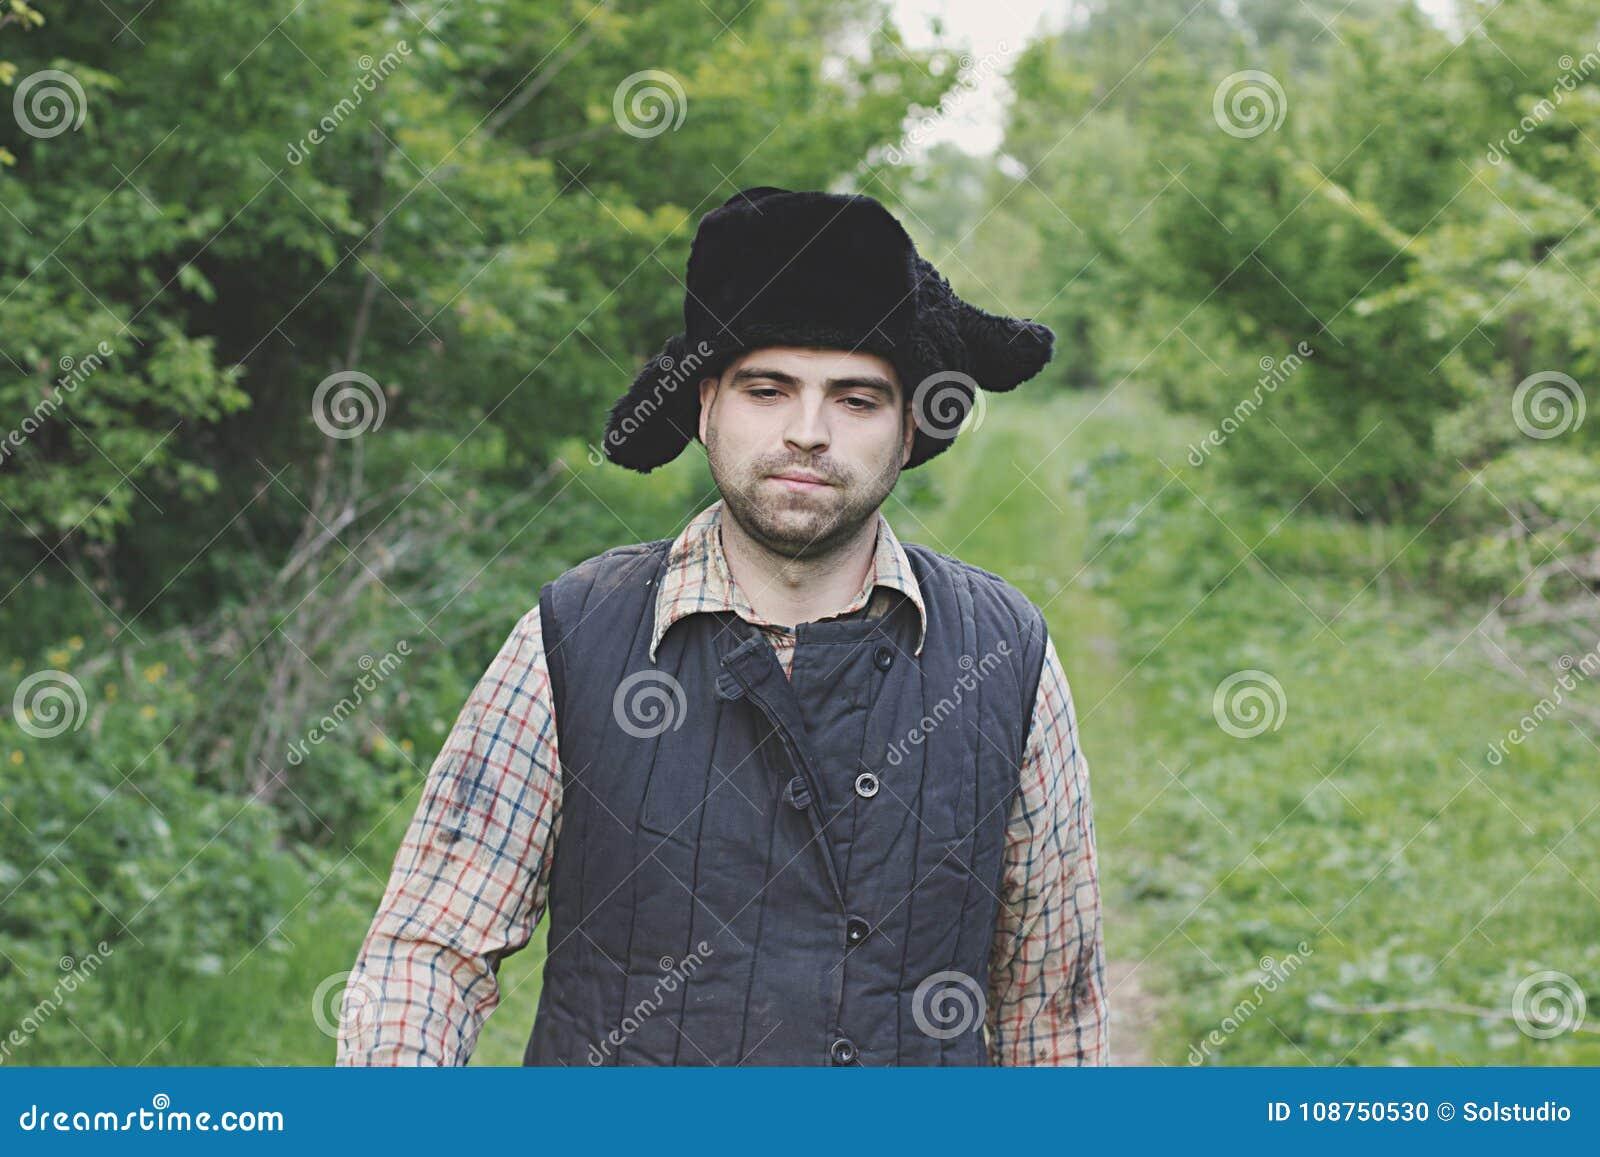 Leñador en el sombrero foto de archivo. Imagen de camisa - 108750530 c2a473b282c